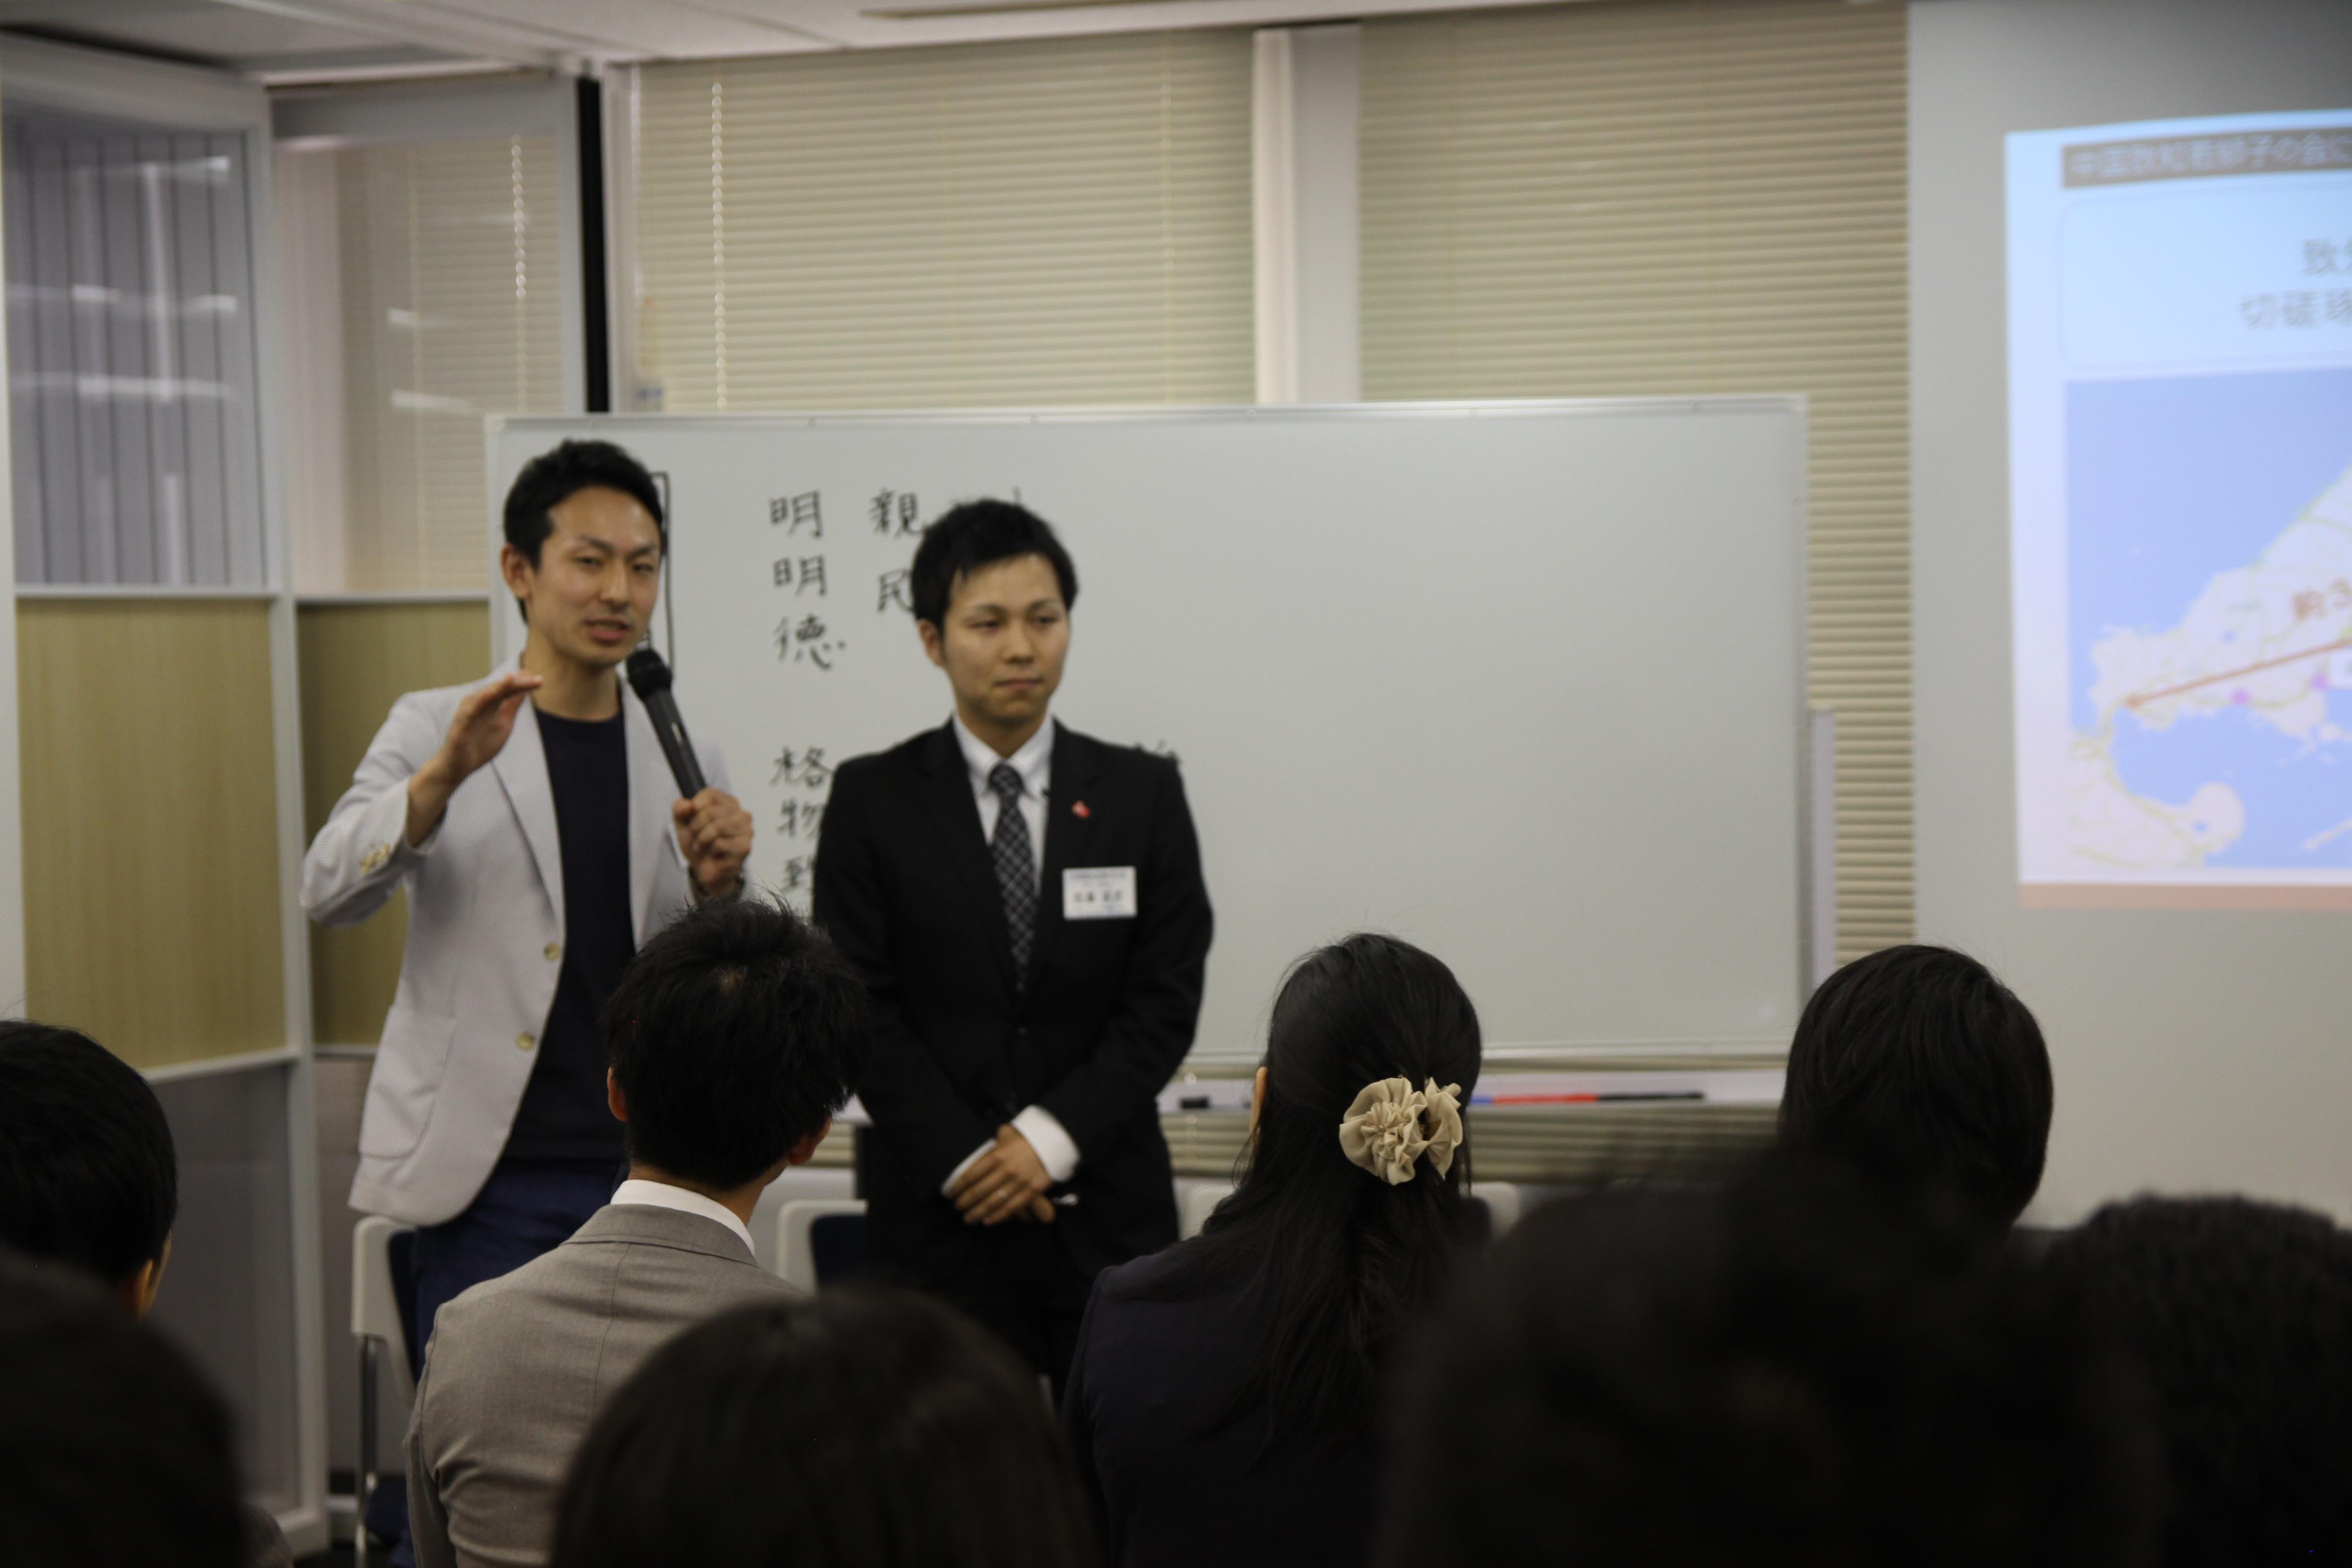 IMG 4682 - 関東若獅子の会、記念すべき第100回